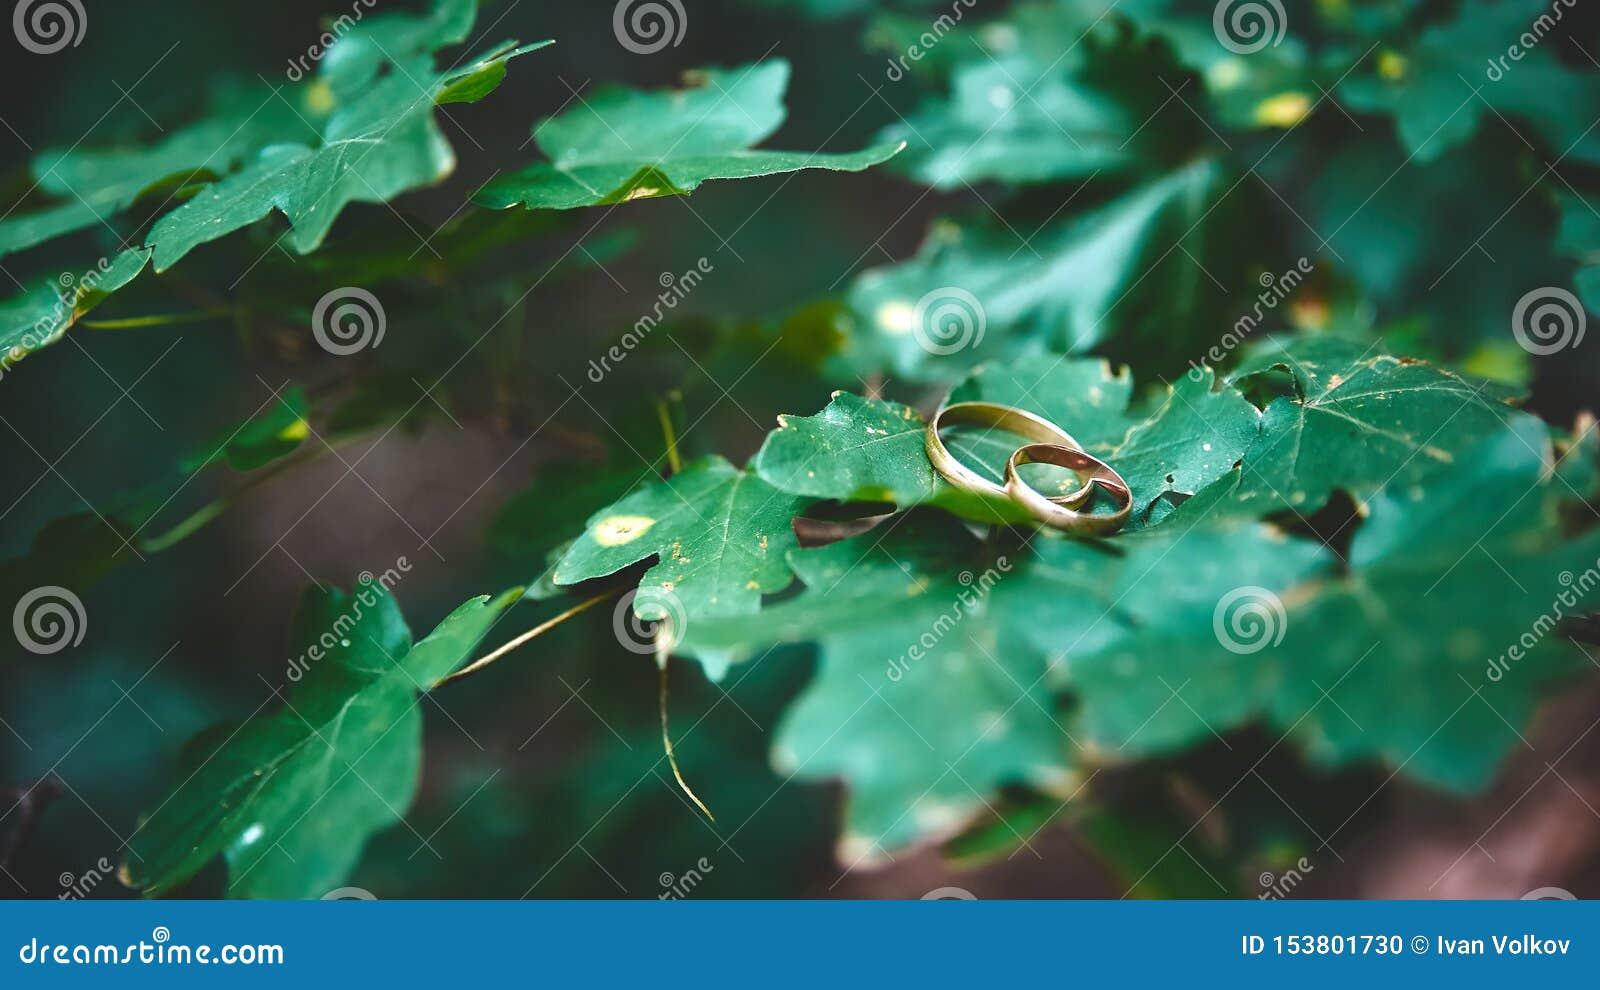 Обручальные кольца свадьбы символ любов и преданности